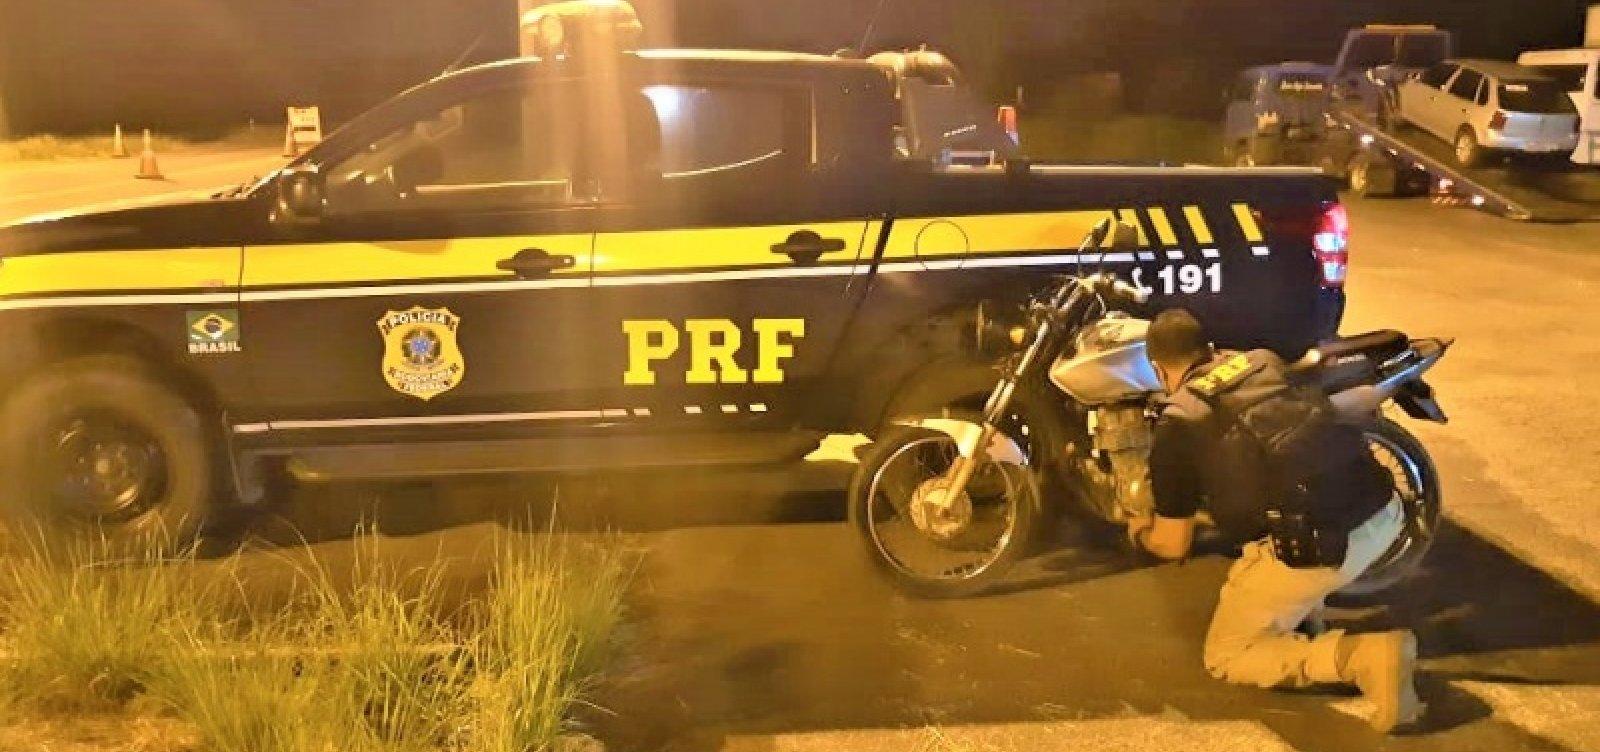 [Bêbado e sem habilitação, homem é preso pilotando motocicleta roubada em Alagoinhas]